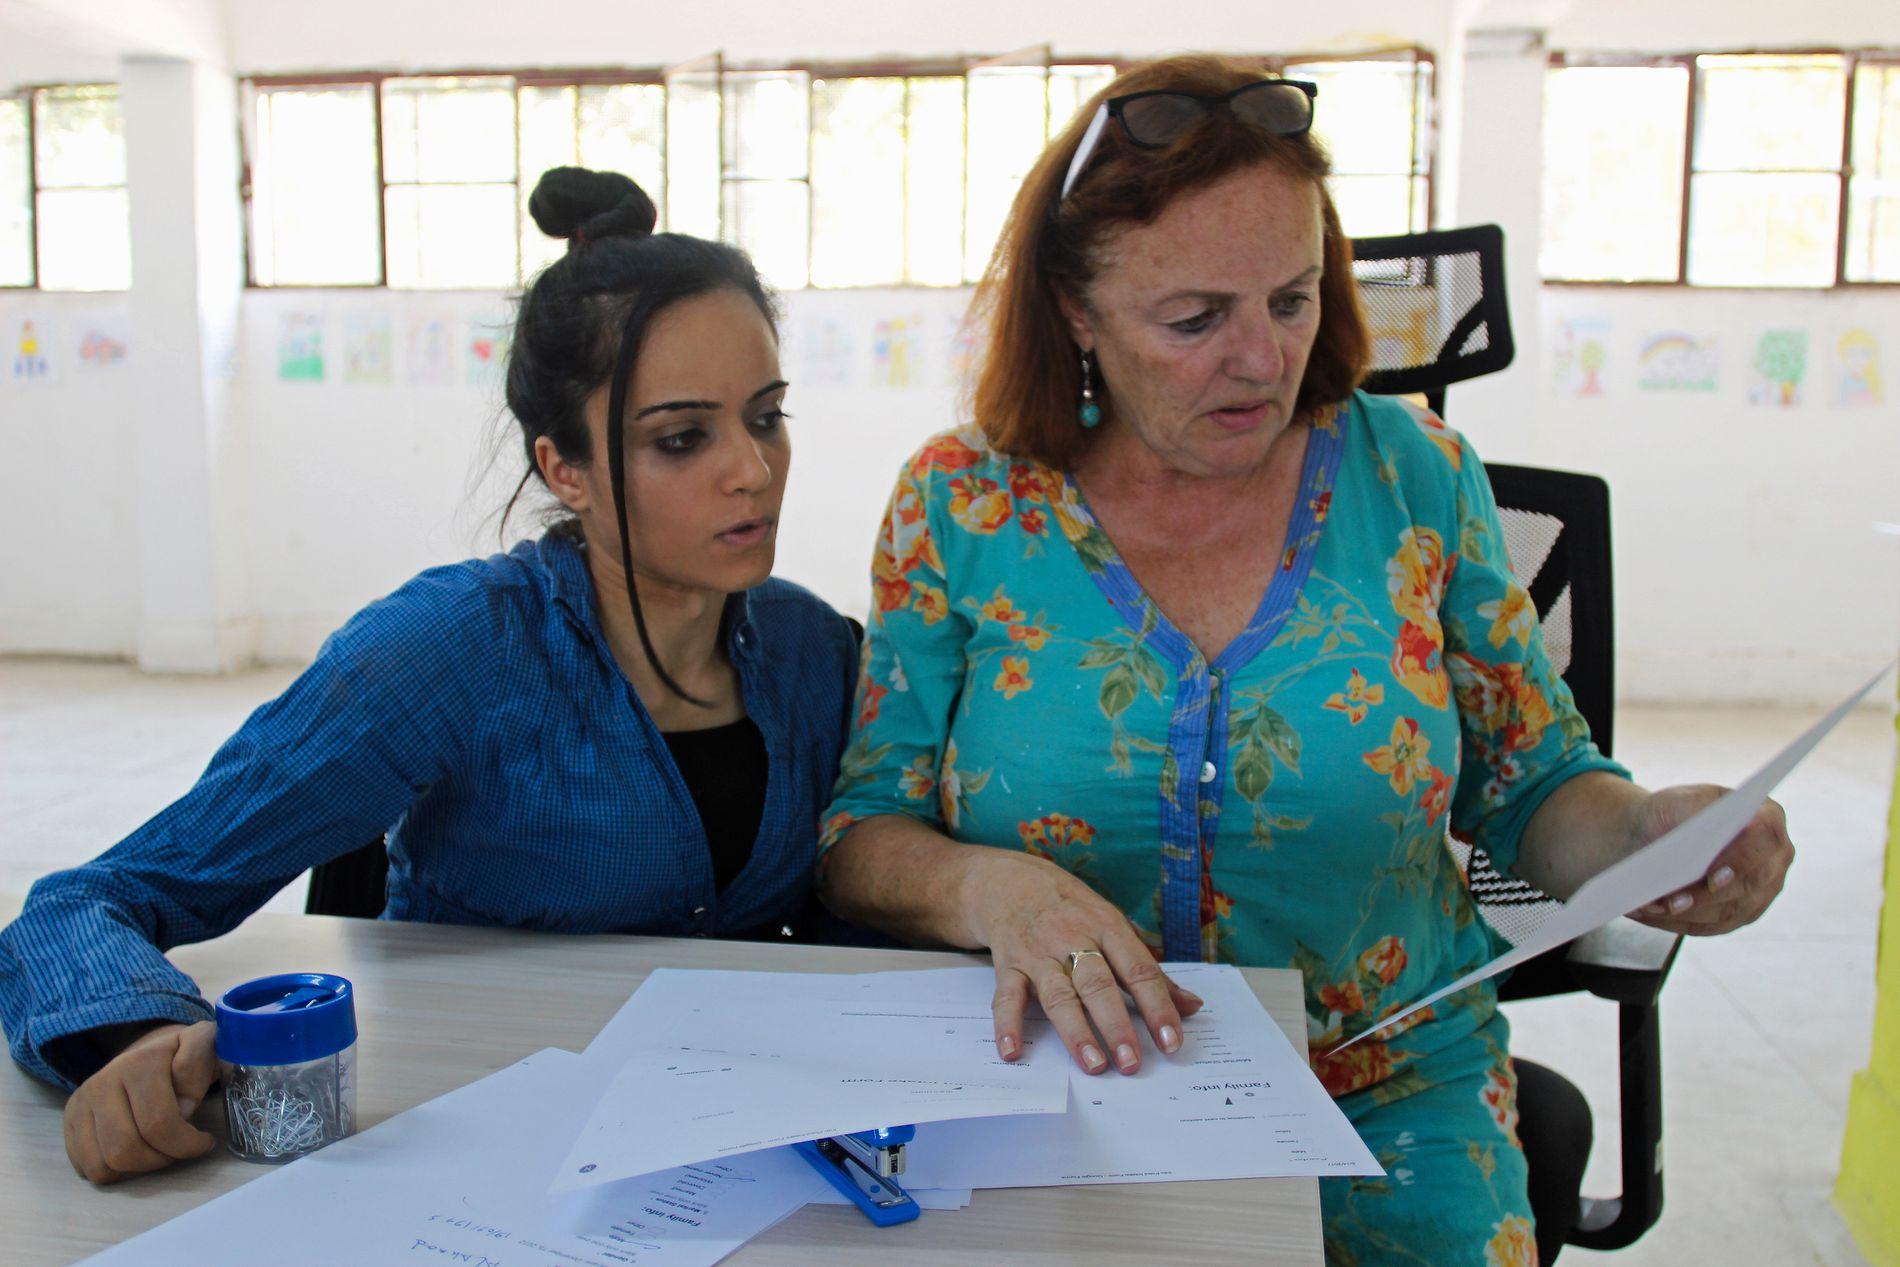 HJELPER ANDRE FLYKTNINGER: Noor jobber for en organisasjon ledet av irske Anne O'Rourke, der hun hjelper andre syriske flyktninger med å få sine saker registrert i det tyrkiske systemet.